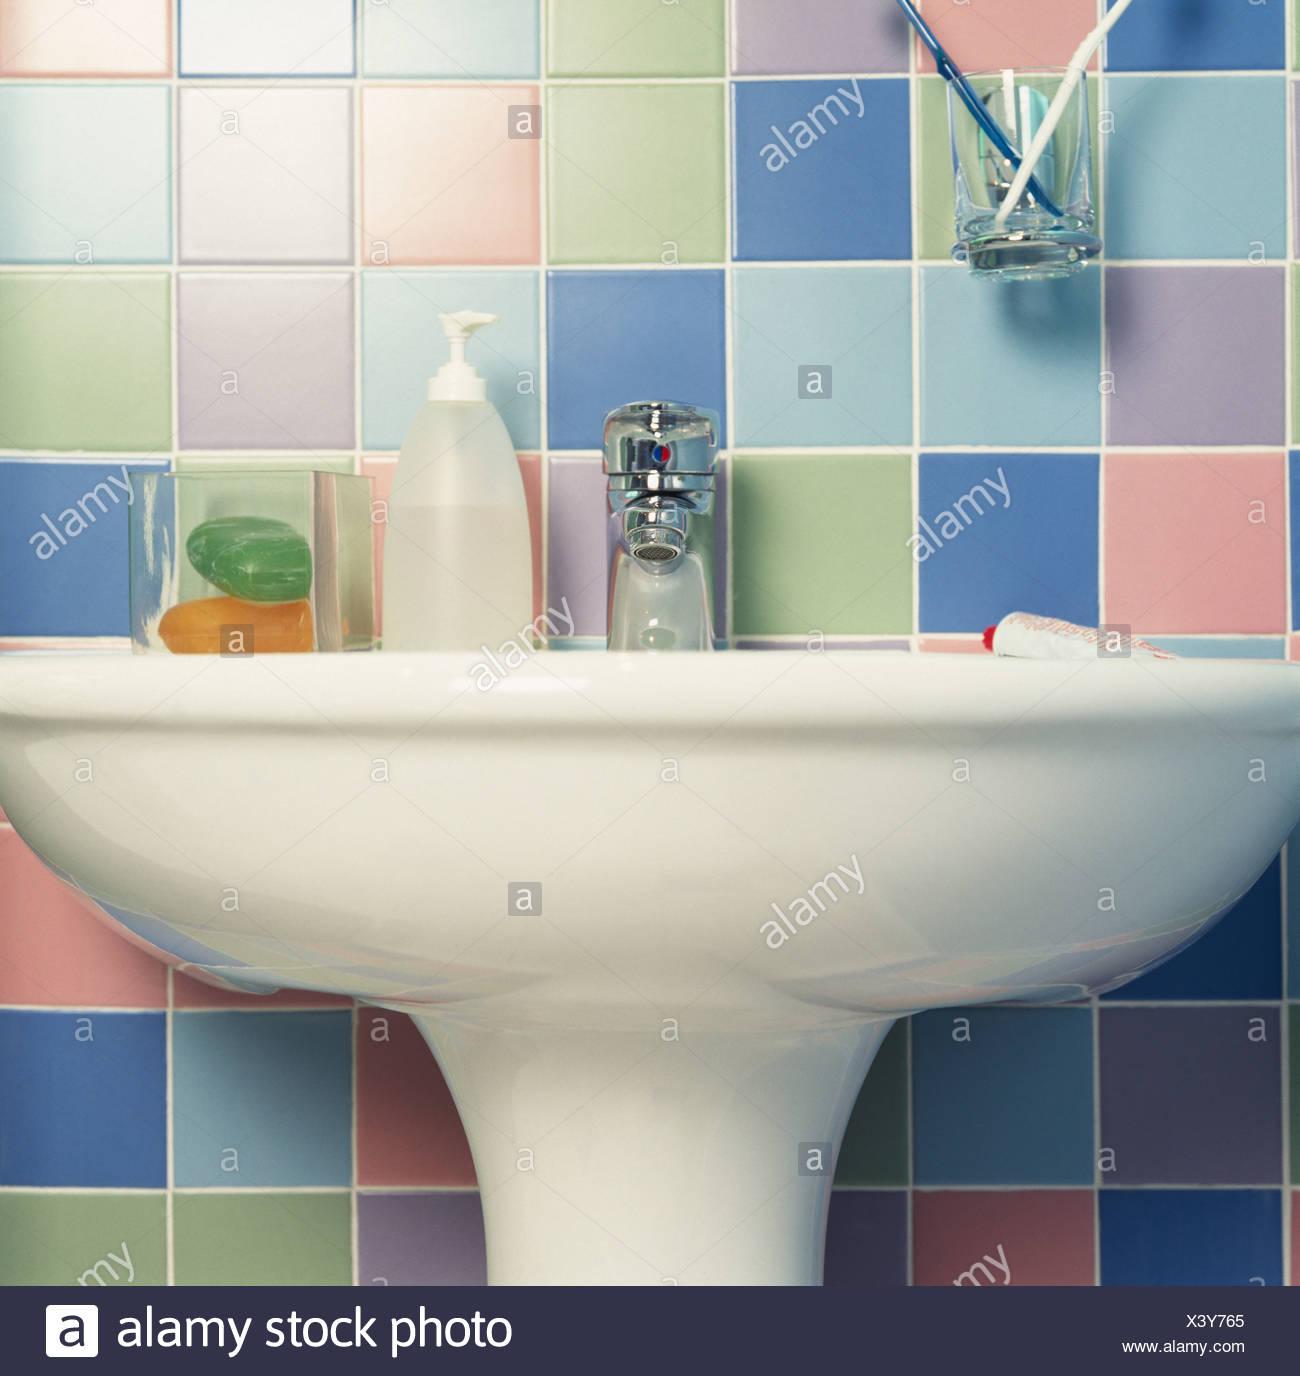 Coloured tiles behind bathroom basin Stock Photo: 277808221 - Alamy